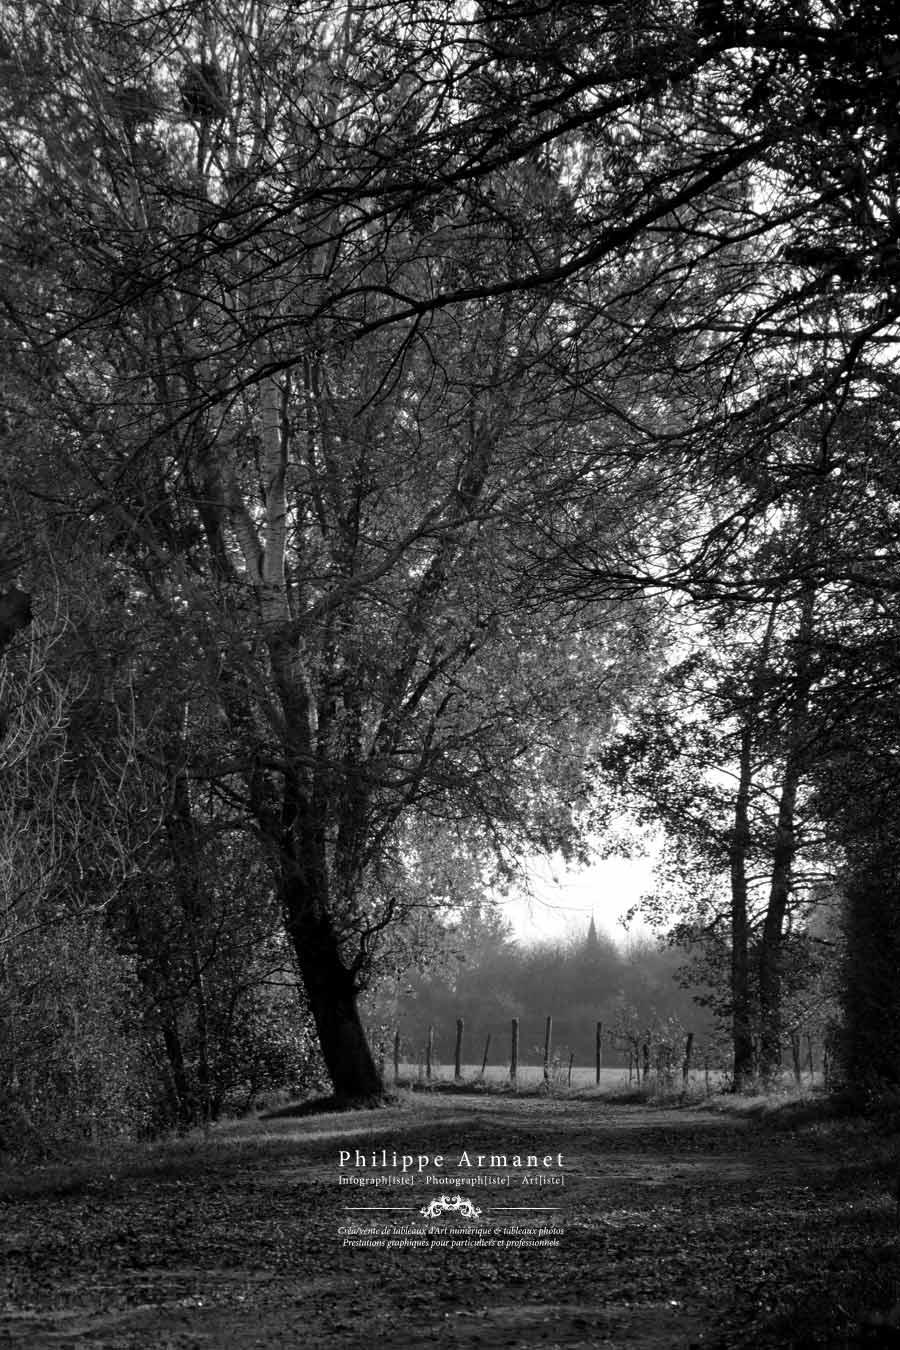 Photographie numérotée en noir et blanc, Philippe Armanet